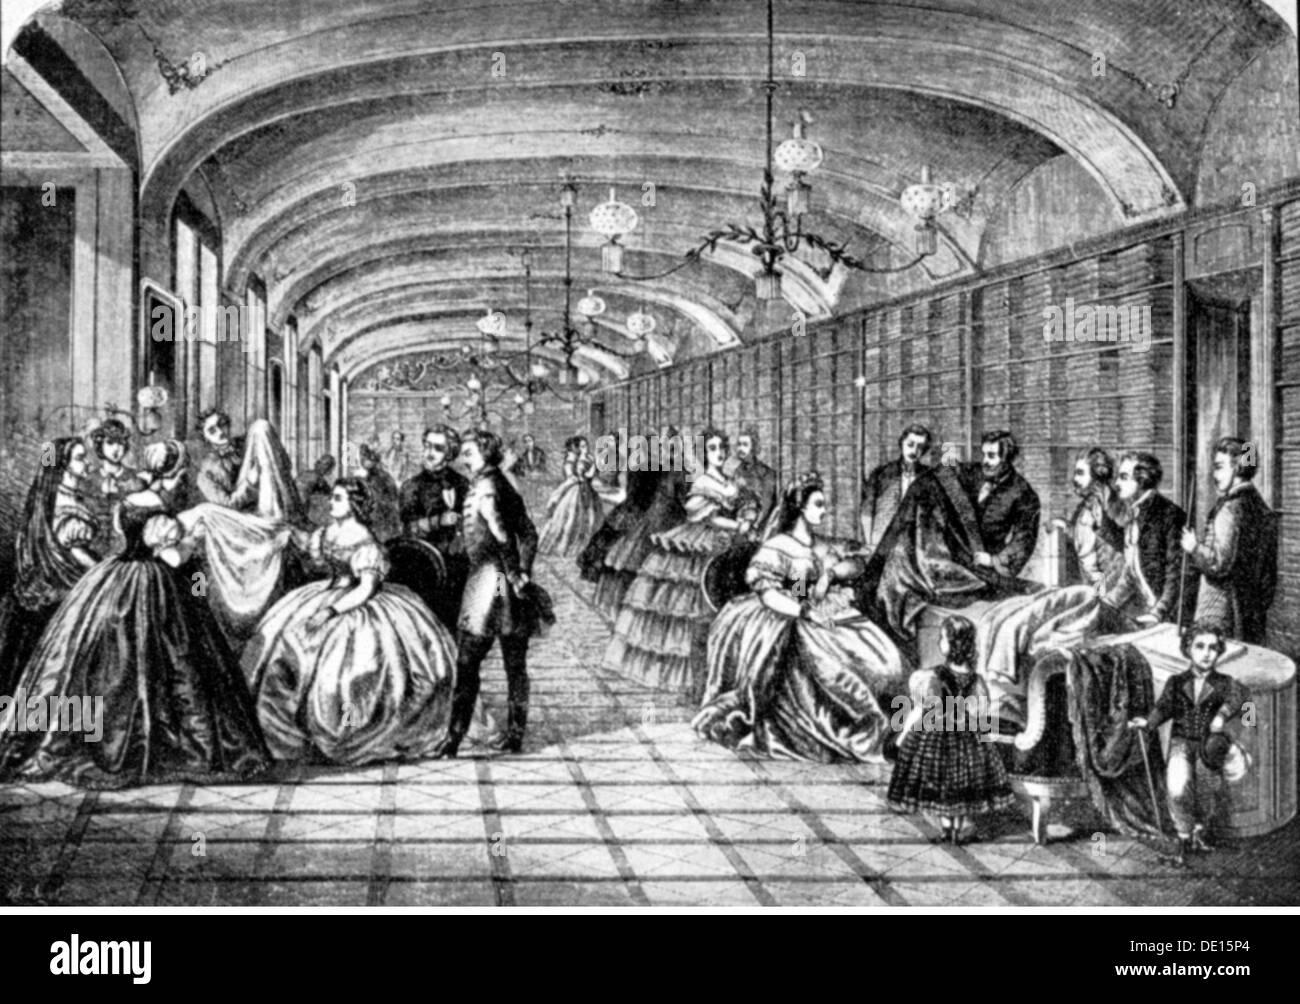 1860 Shop